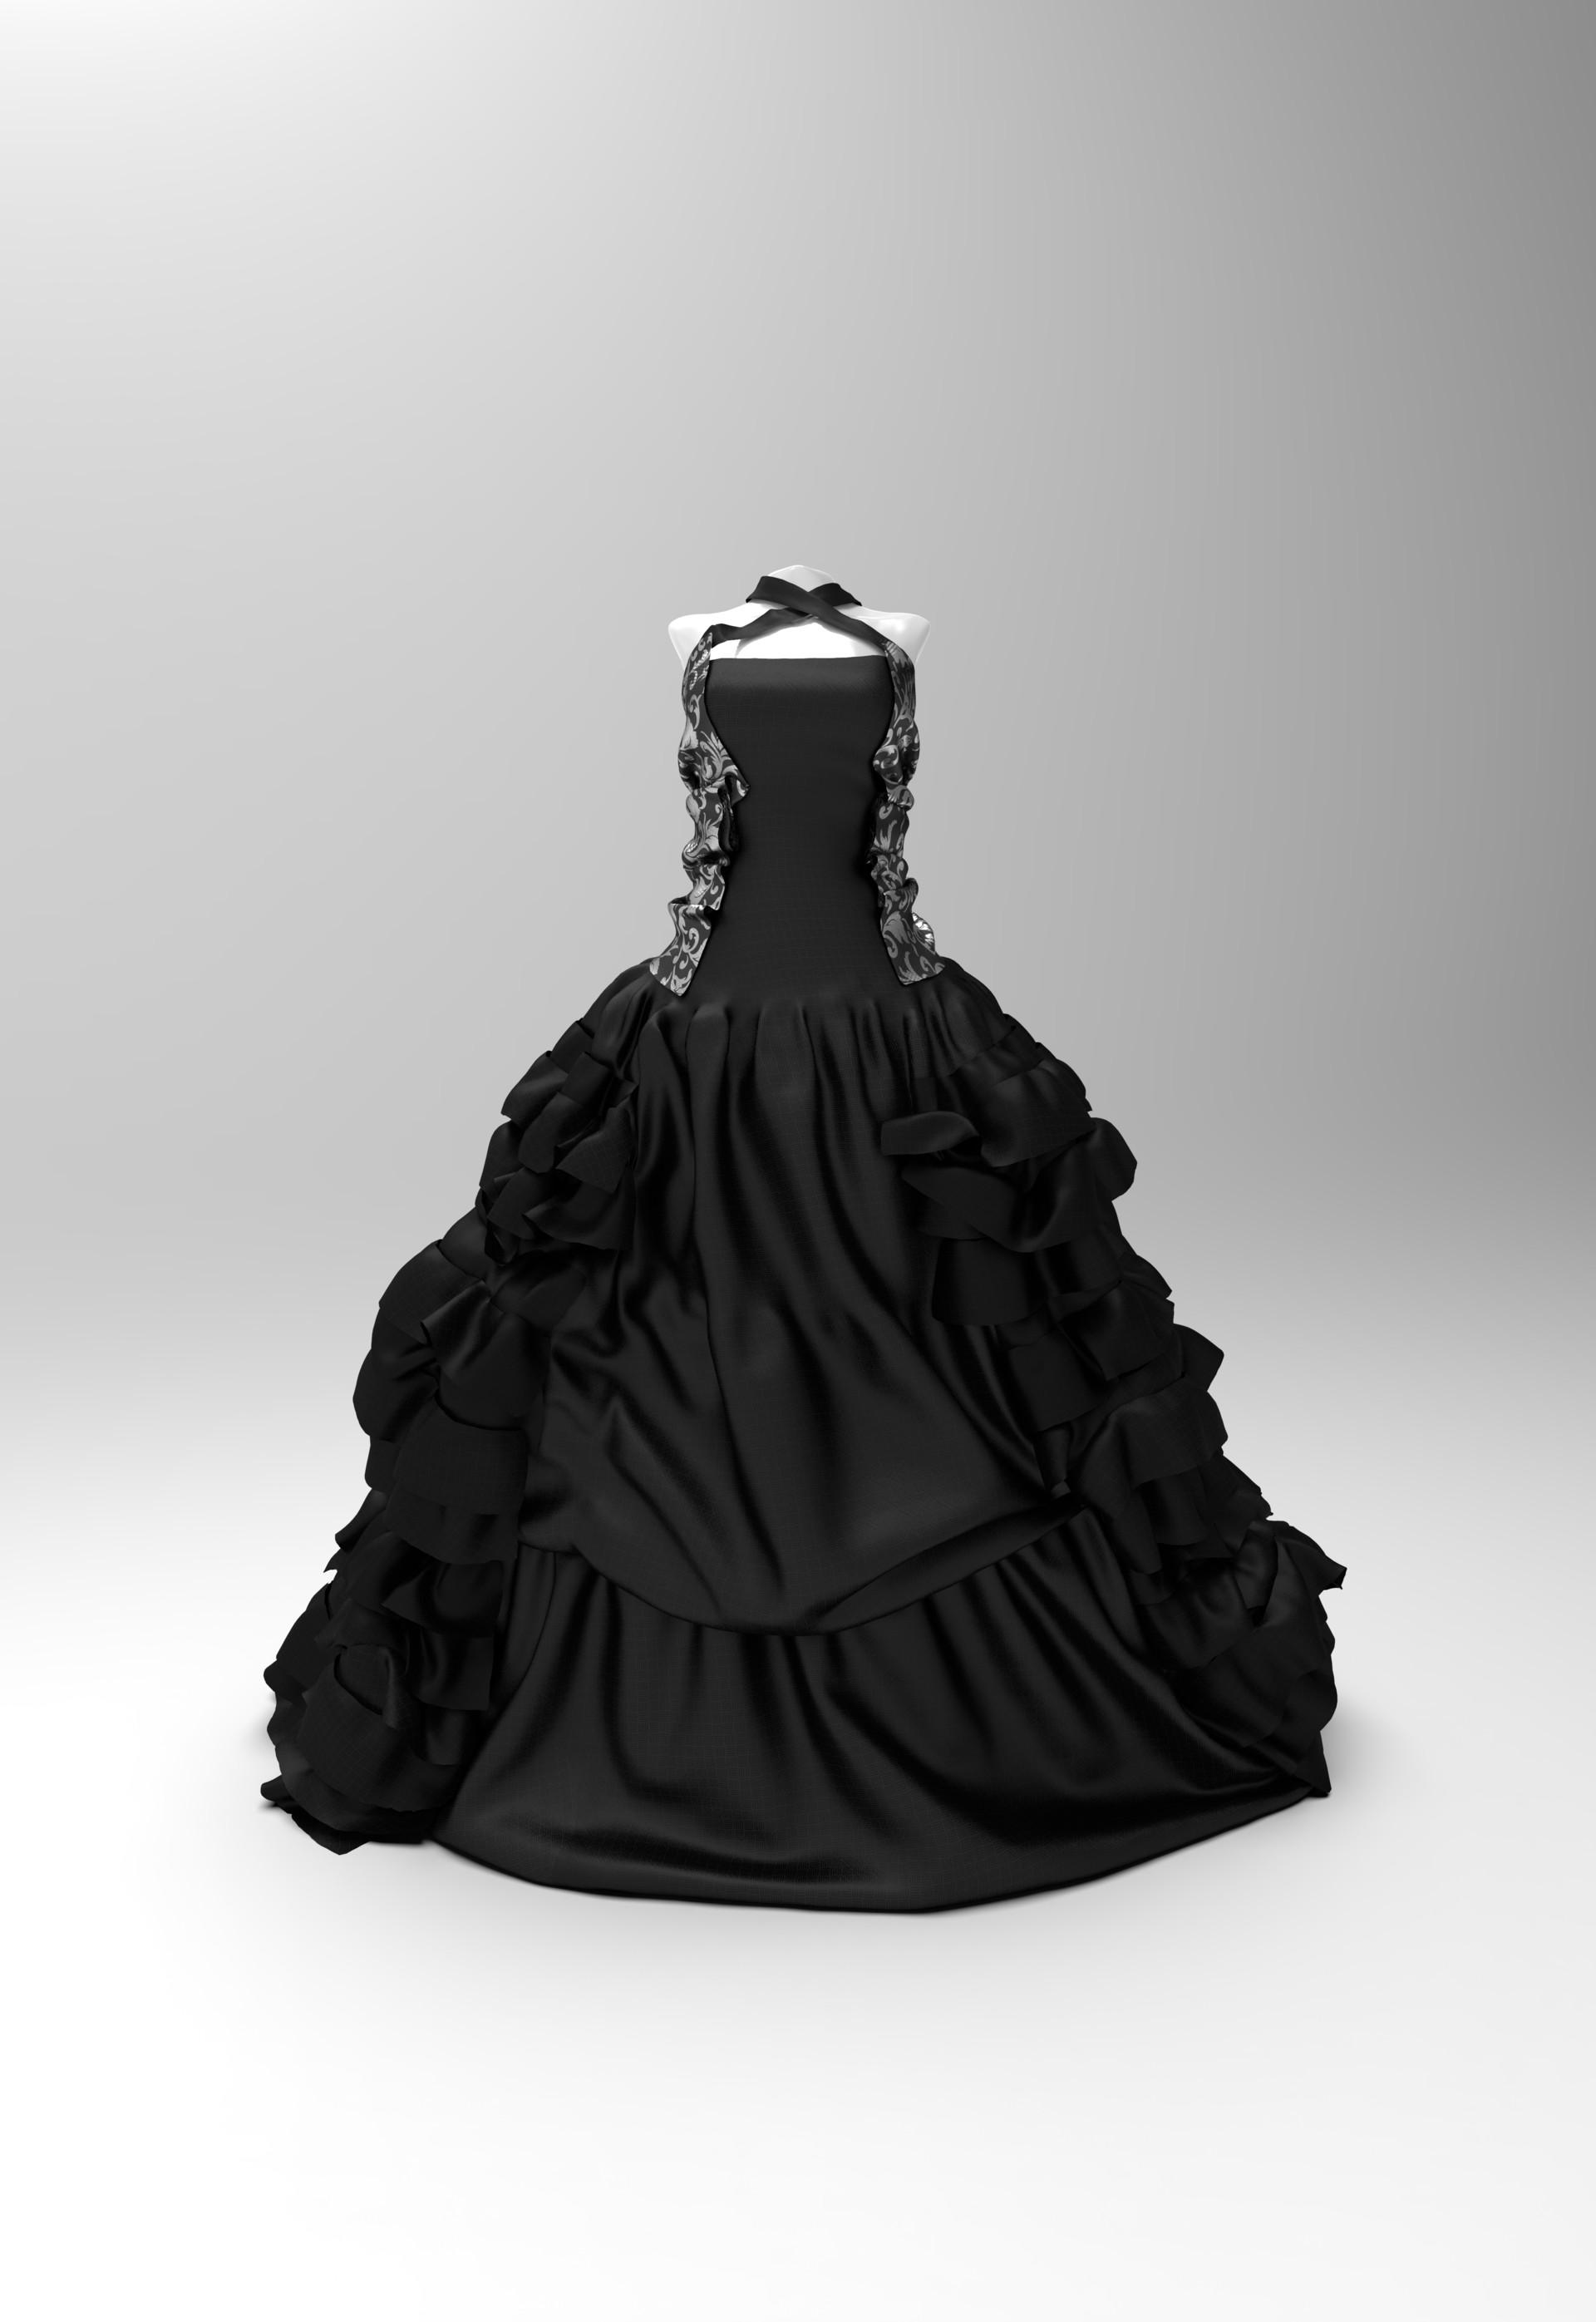 Yasuka taira dress front